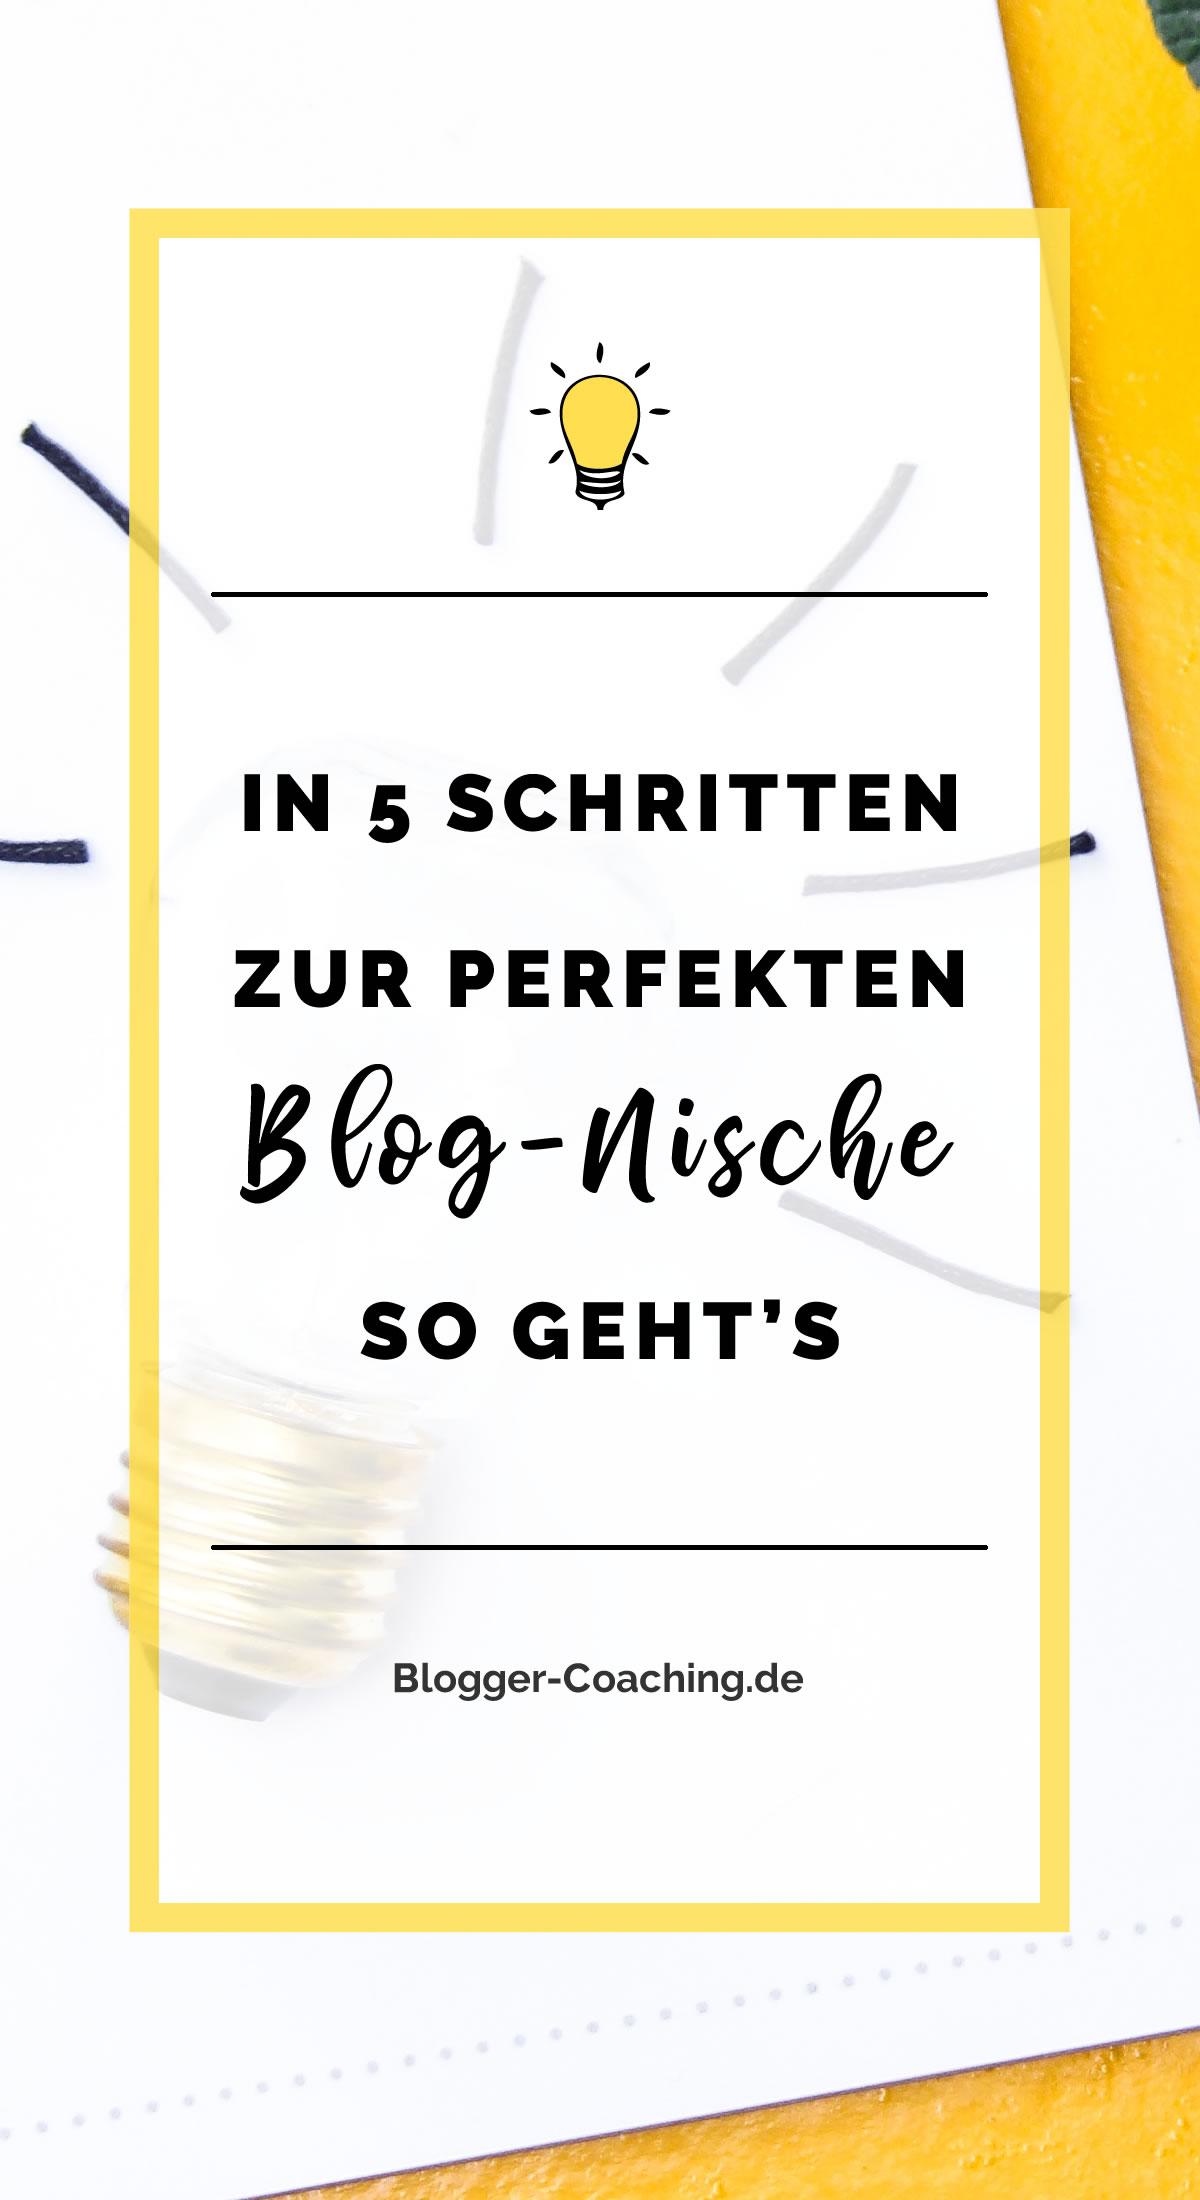 Fluch oder Segen: Die Blog-Nische - Wofür ist sie wirklich gut? | Blogger-Coaching.de - Dein Weg zum Blog-Erfolg #blogger #erfolg